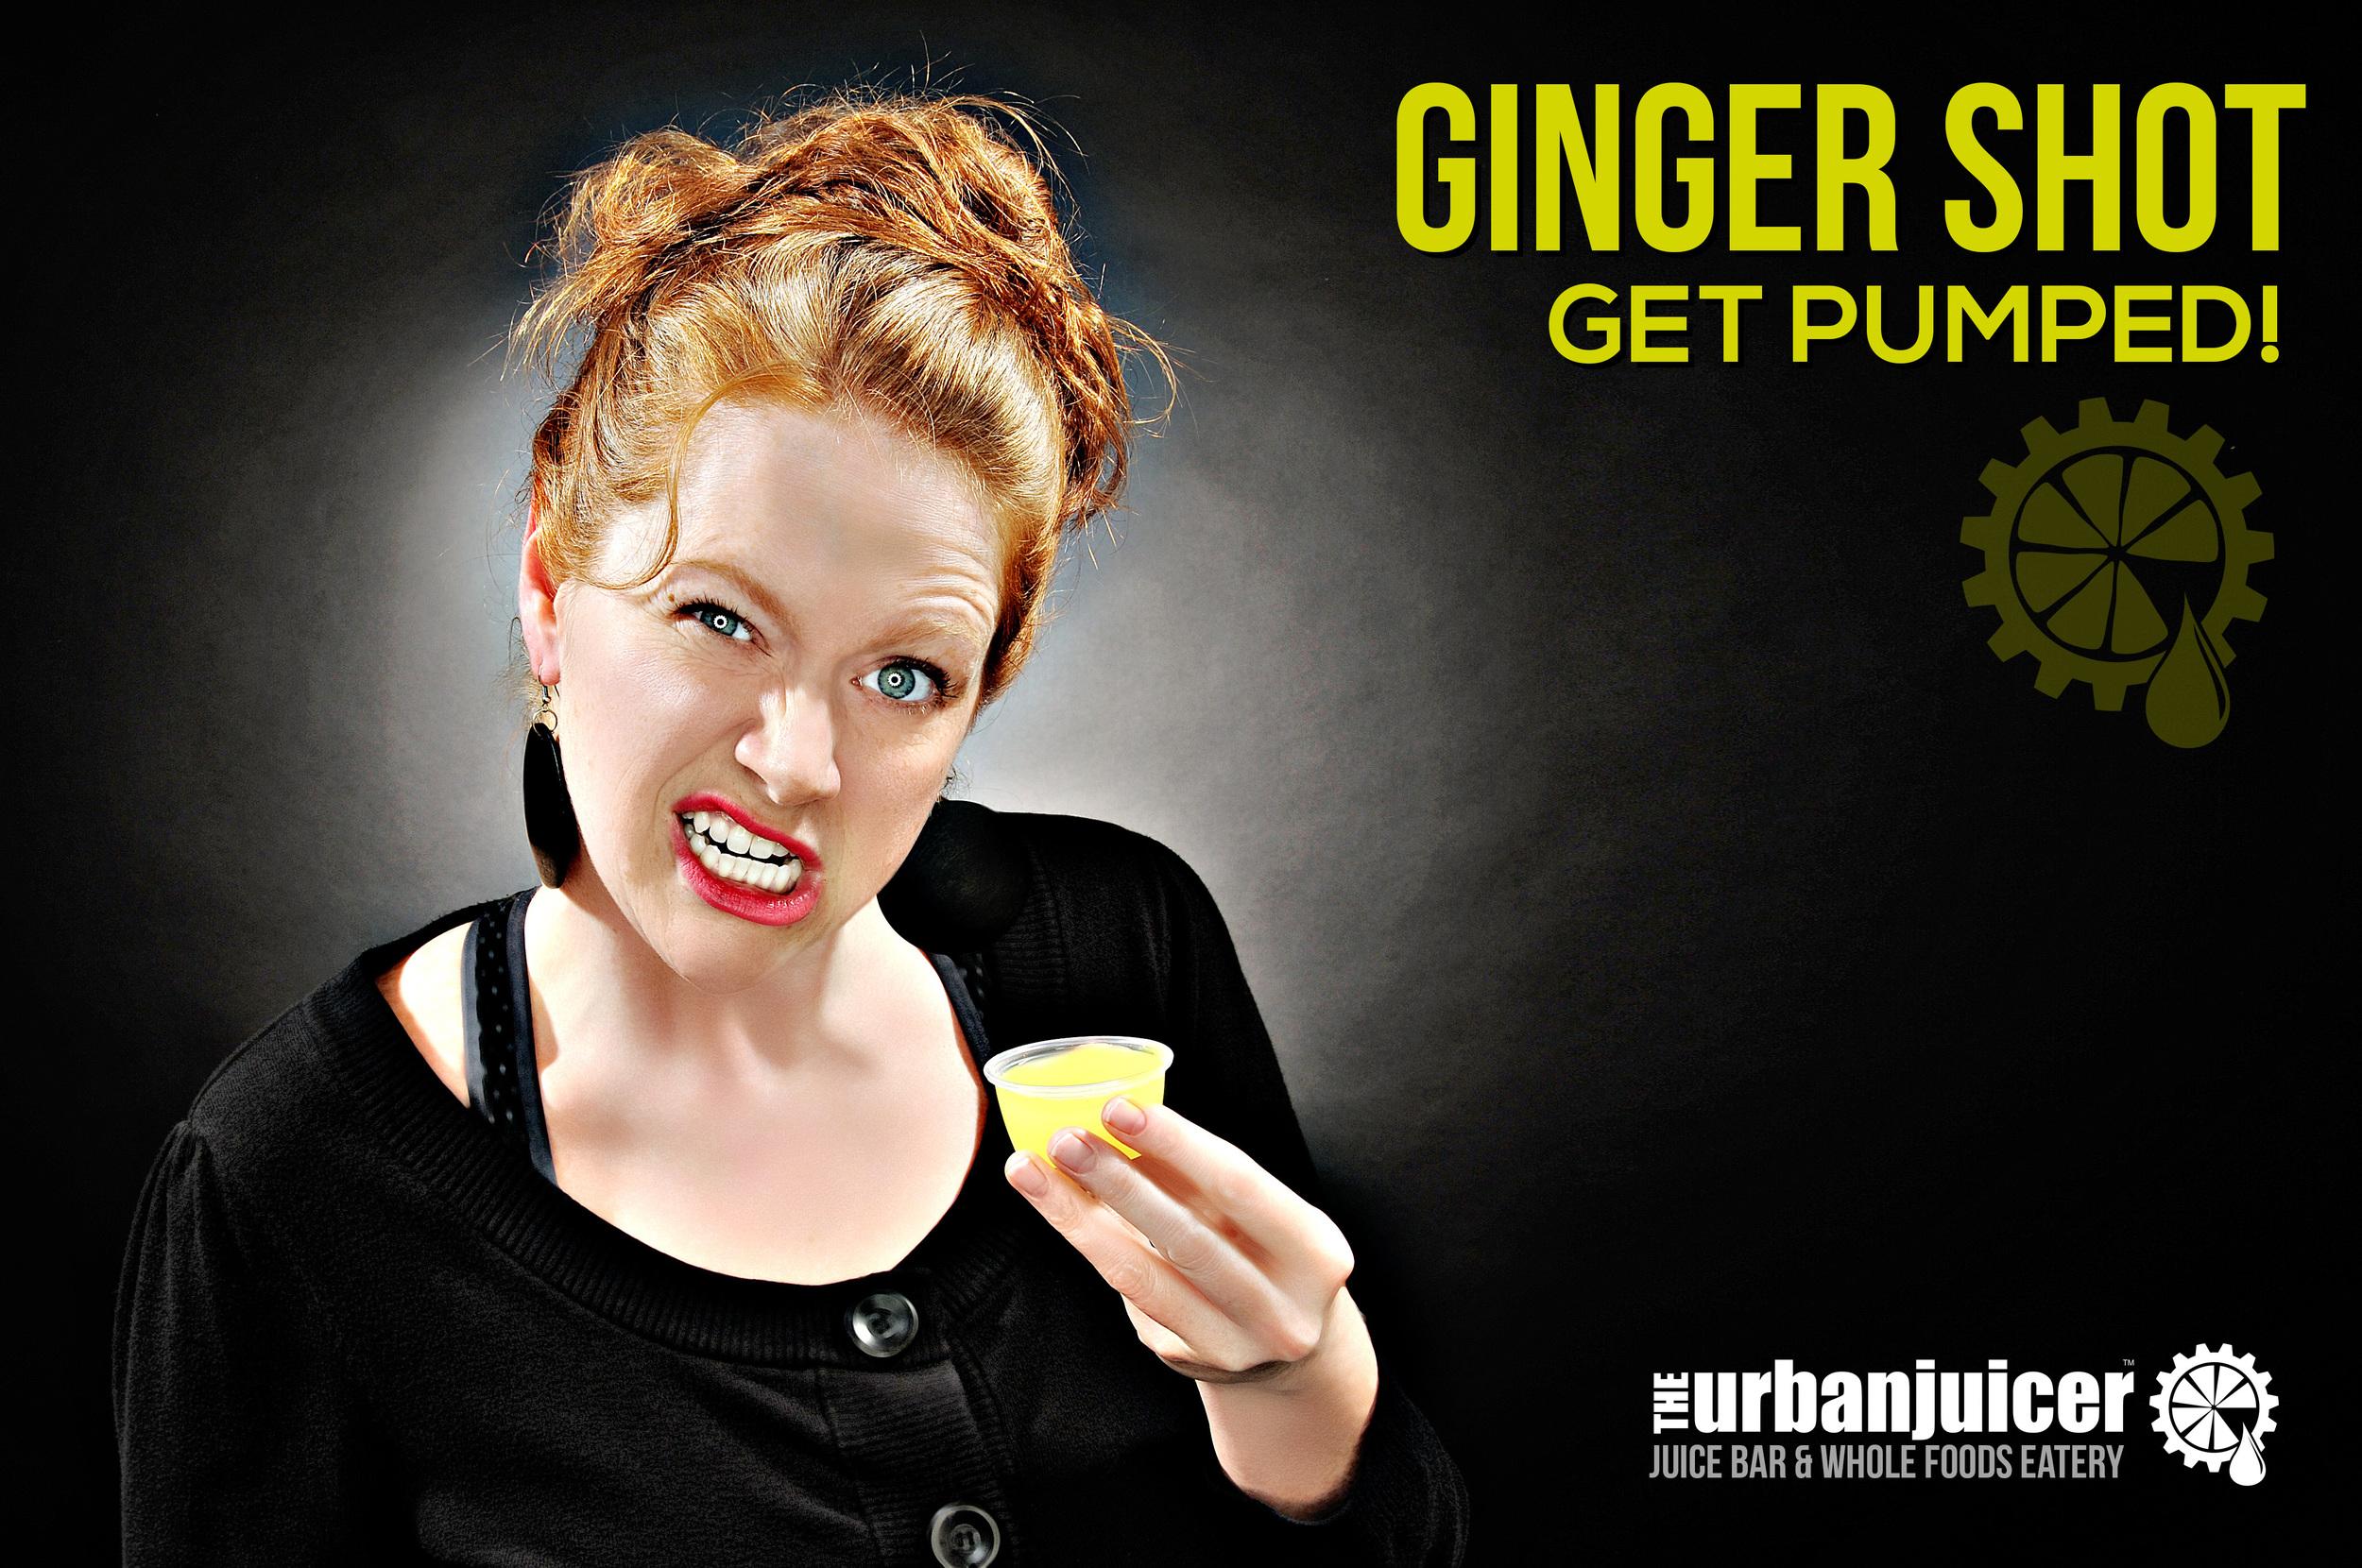 Nora-Ginger-Shot-Black-BG.jpg